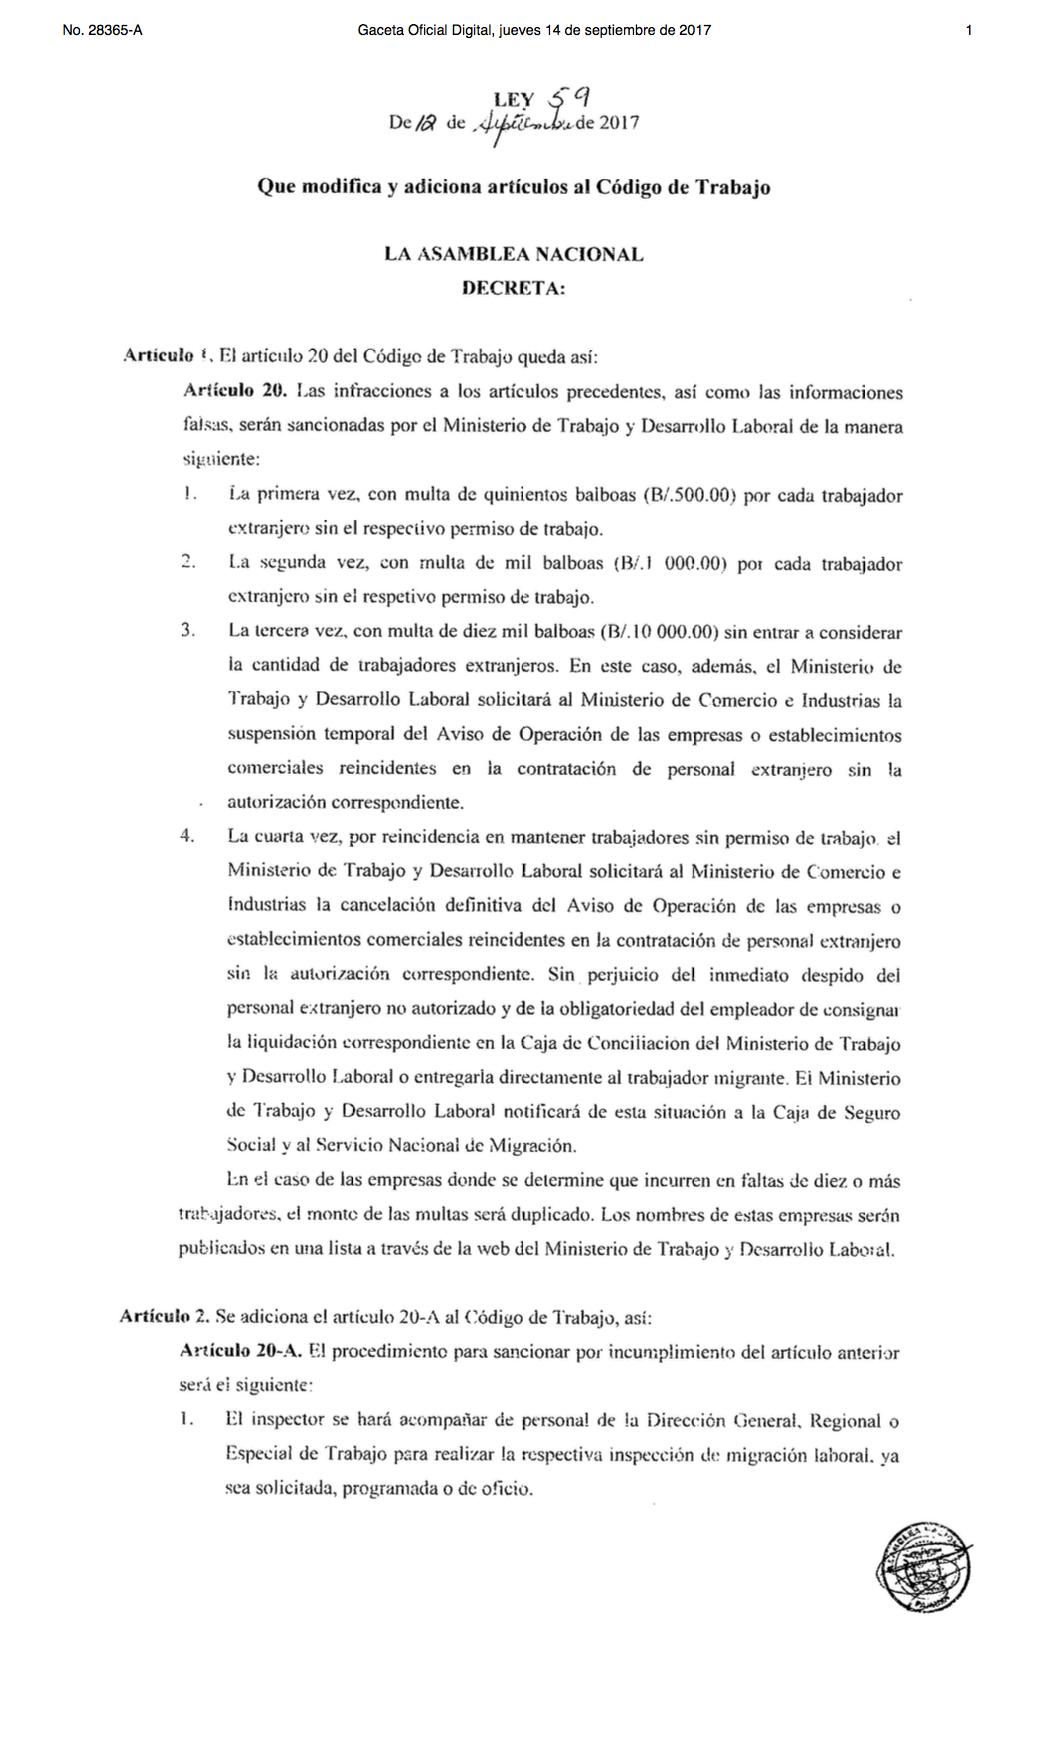 Gaceta oficial - Multas por extranjeros sin permiso de trabajo